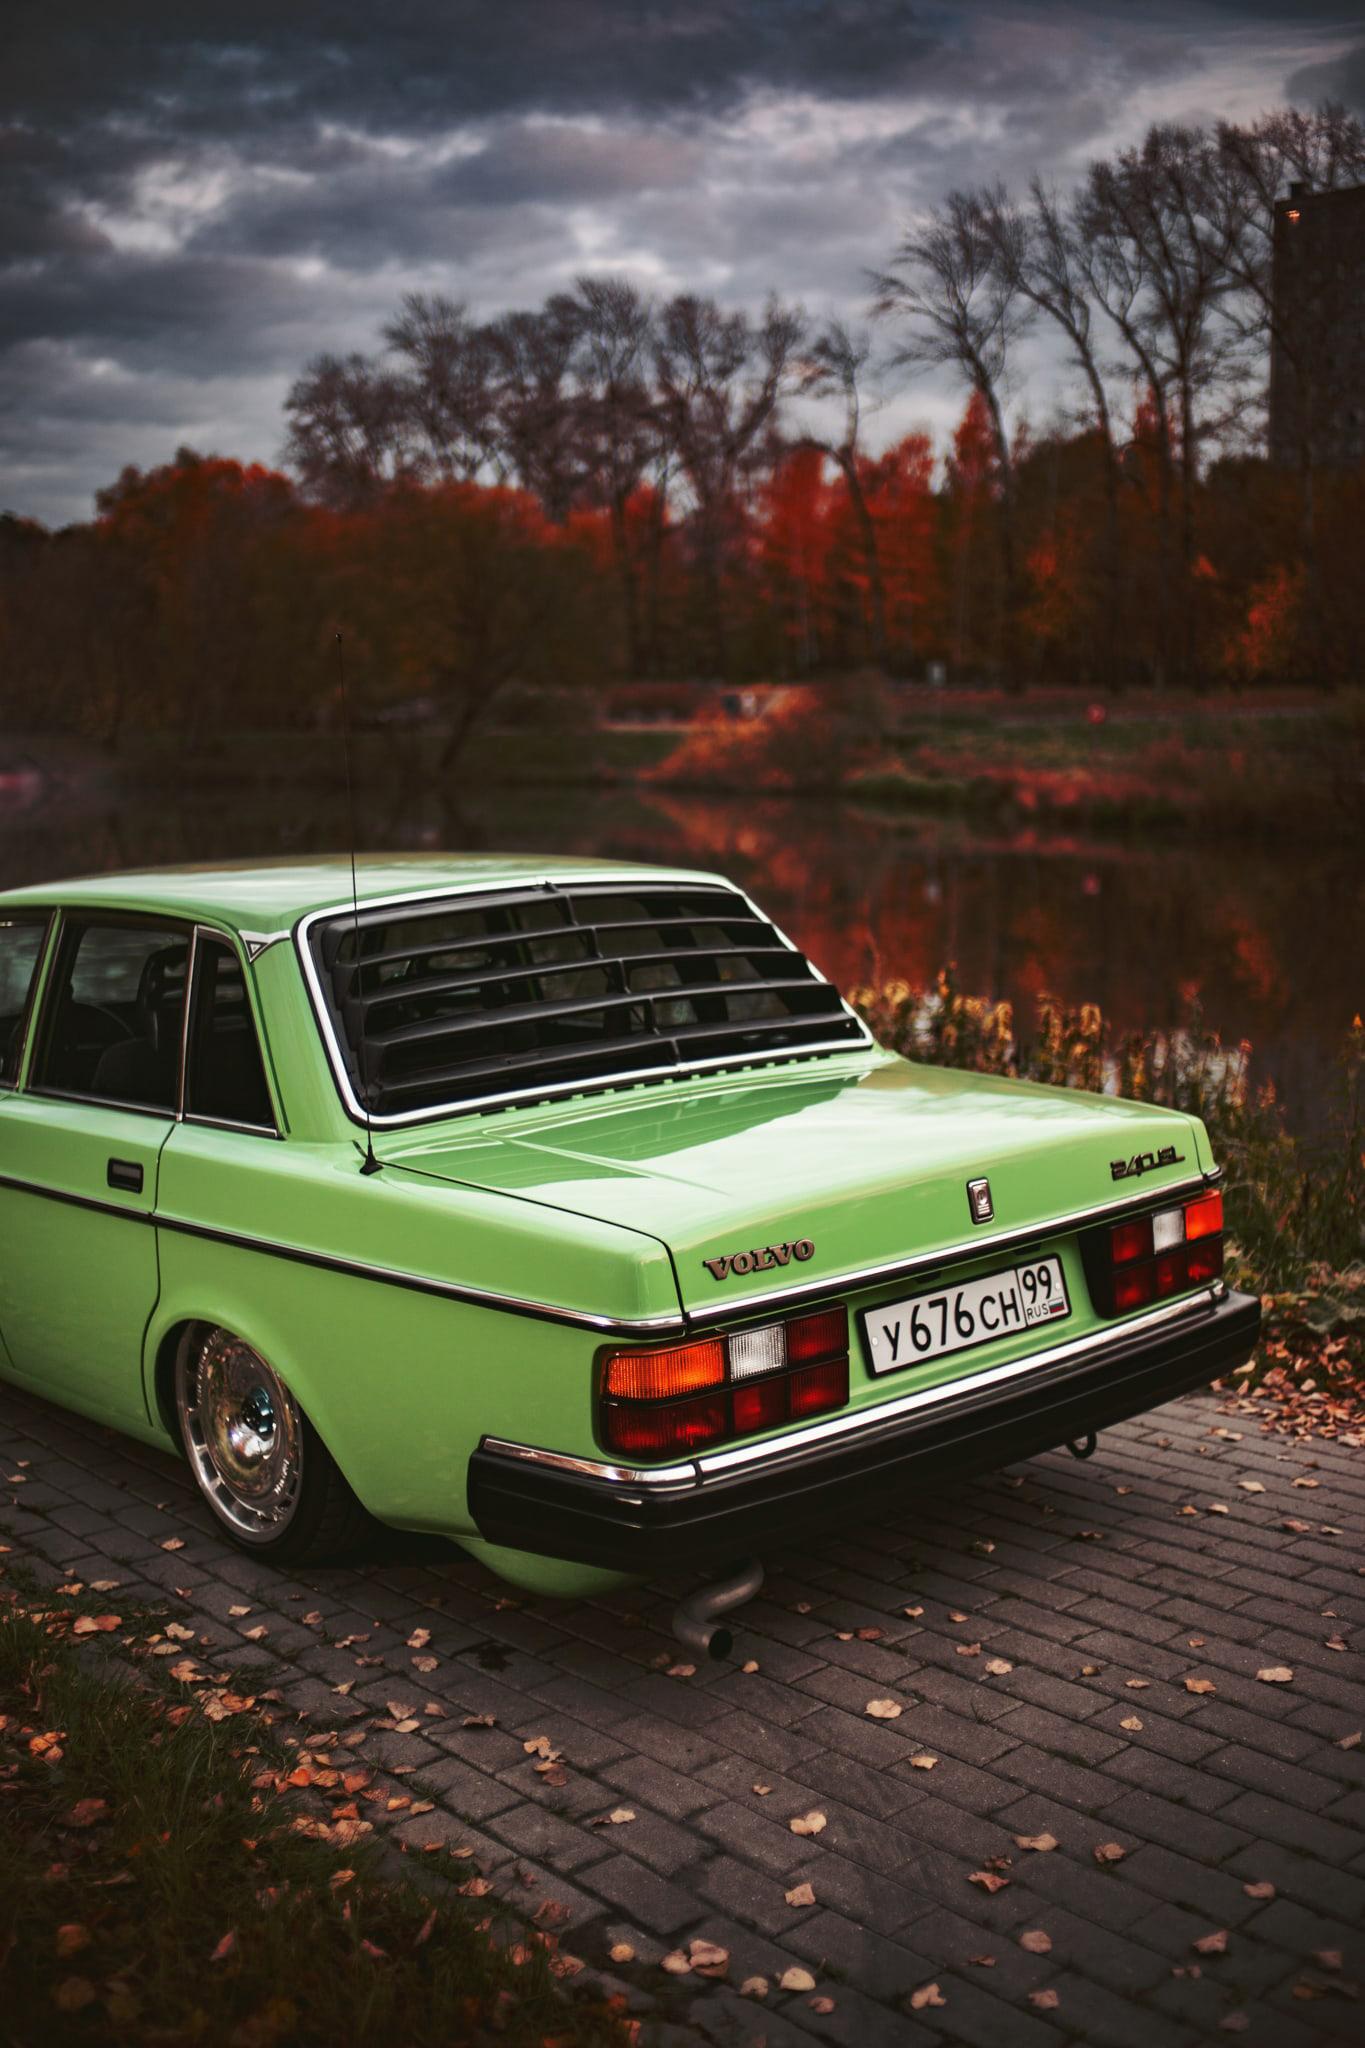 Volvo stance autumn